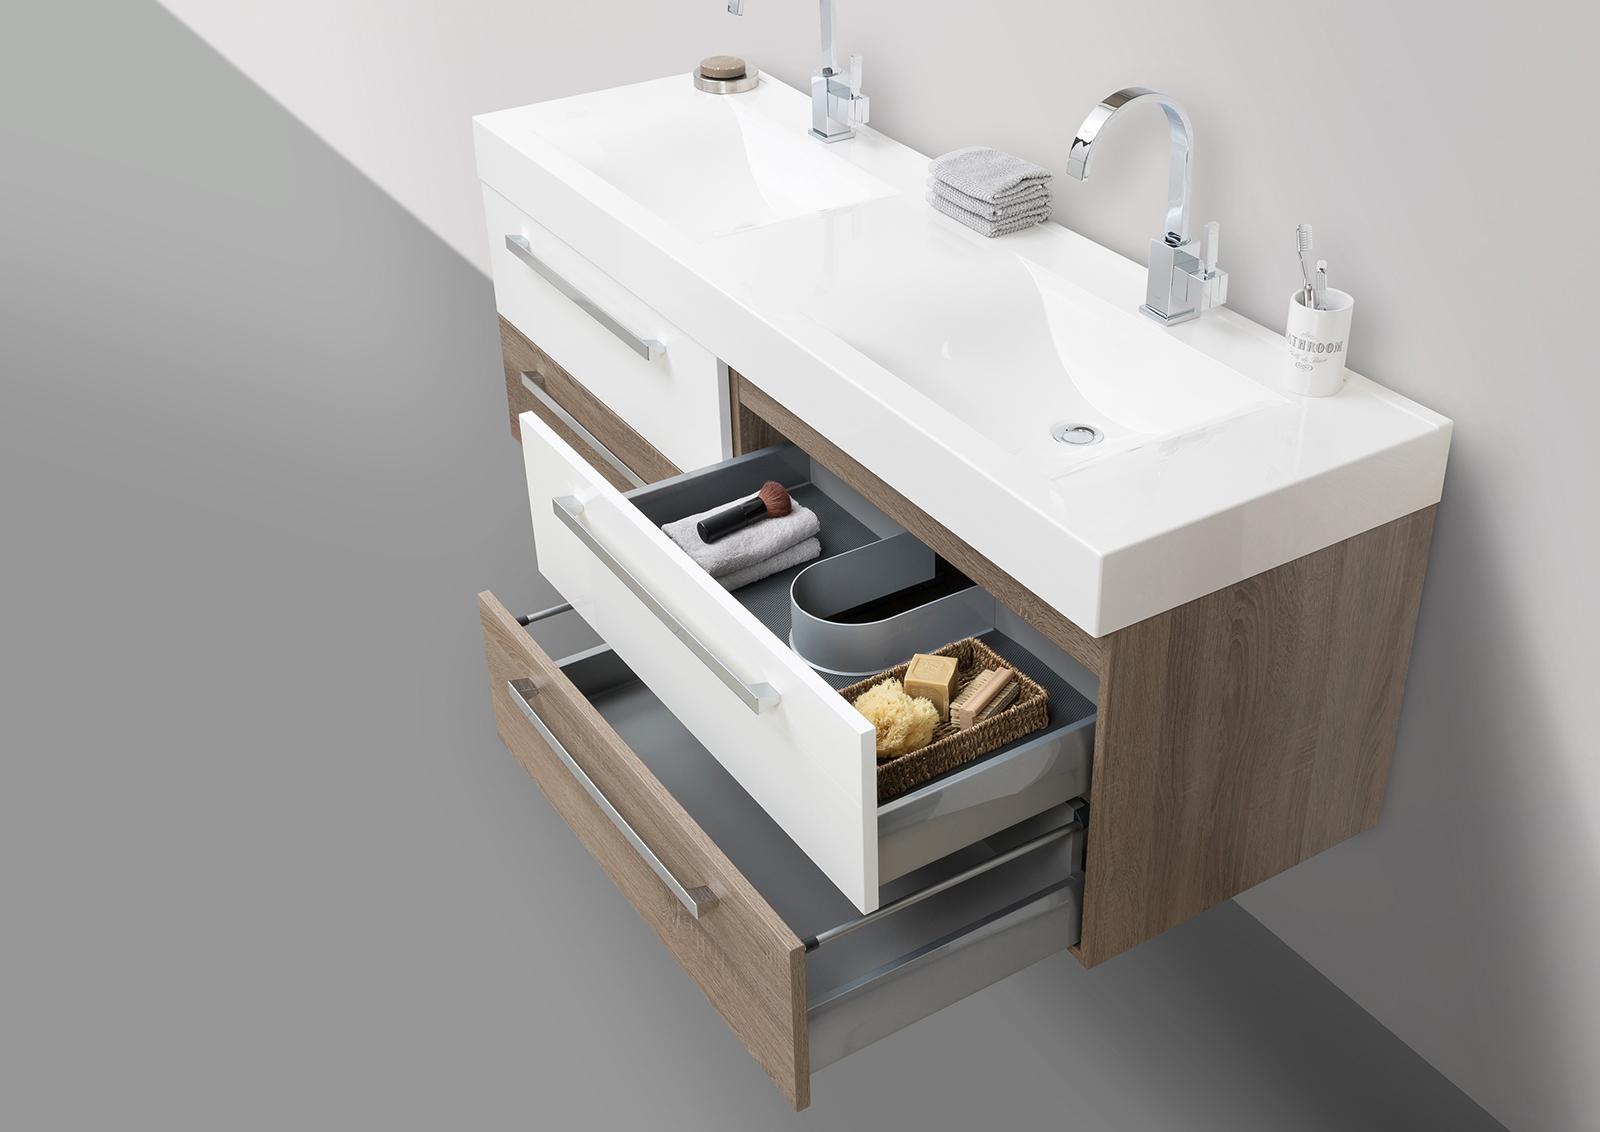 Badm bel set doppelwaschbecken 160 cm mit unterschrank spiegelschrank - Badmobel set doppelwaschbecken ...